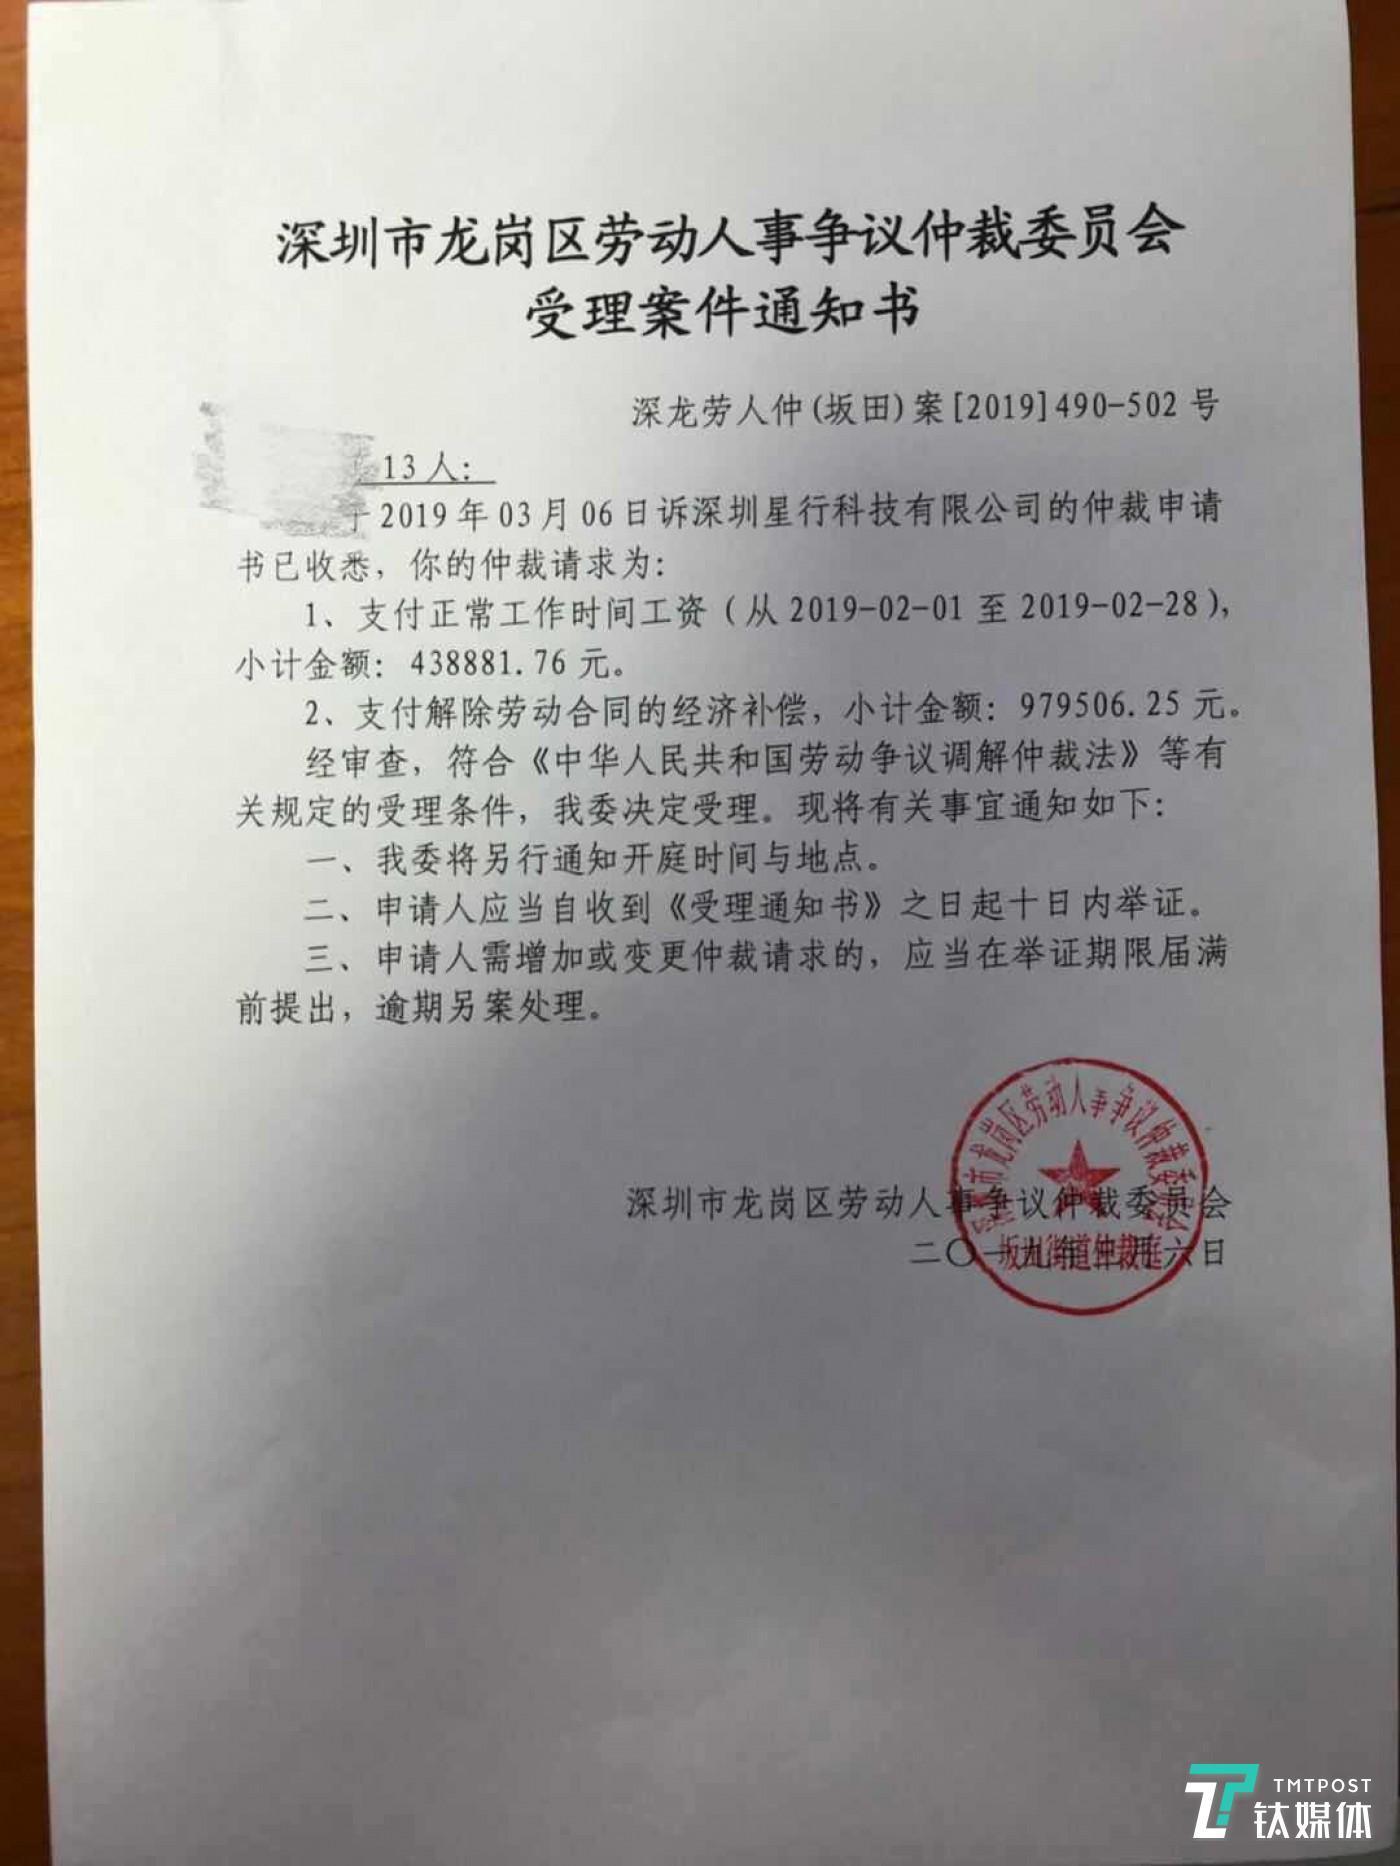 Roadstar收到的勞動仲裁通知書